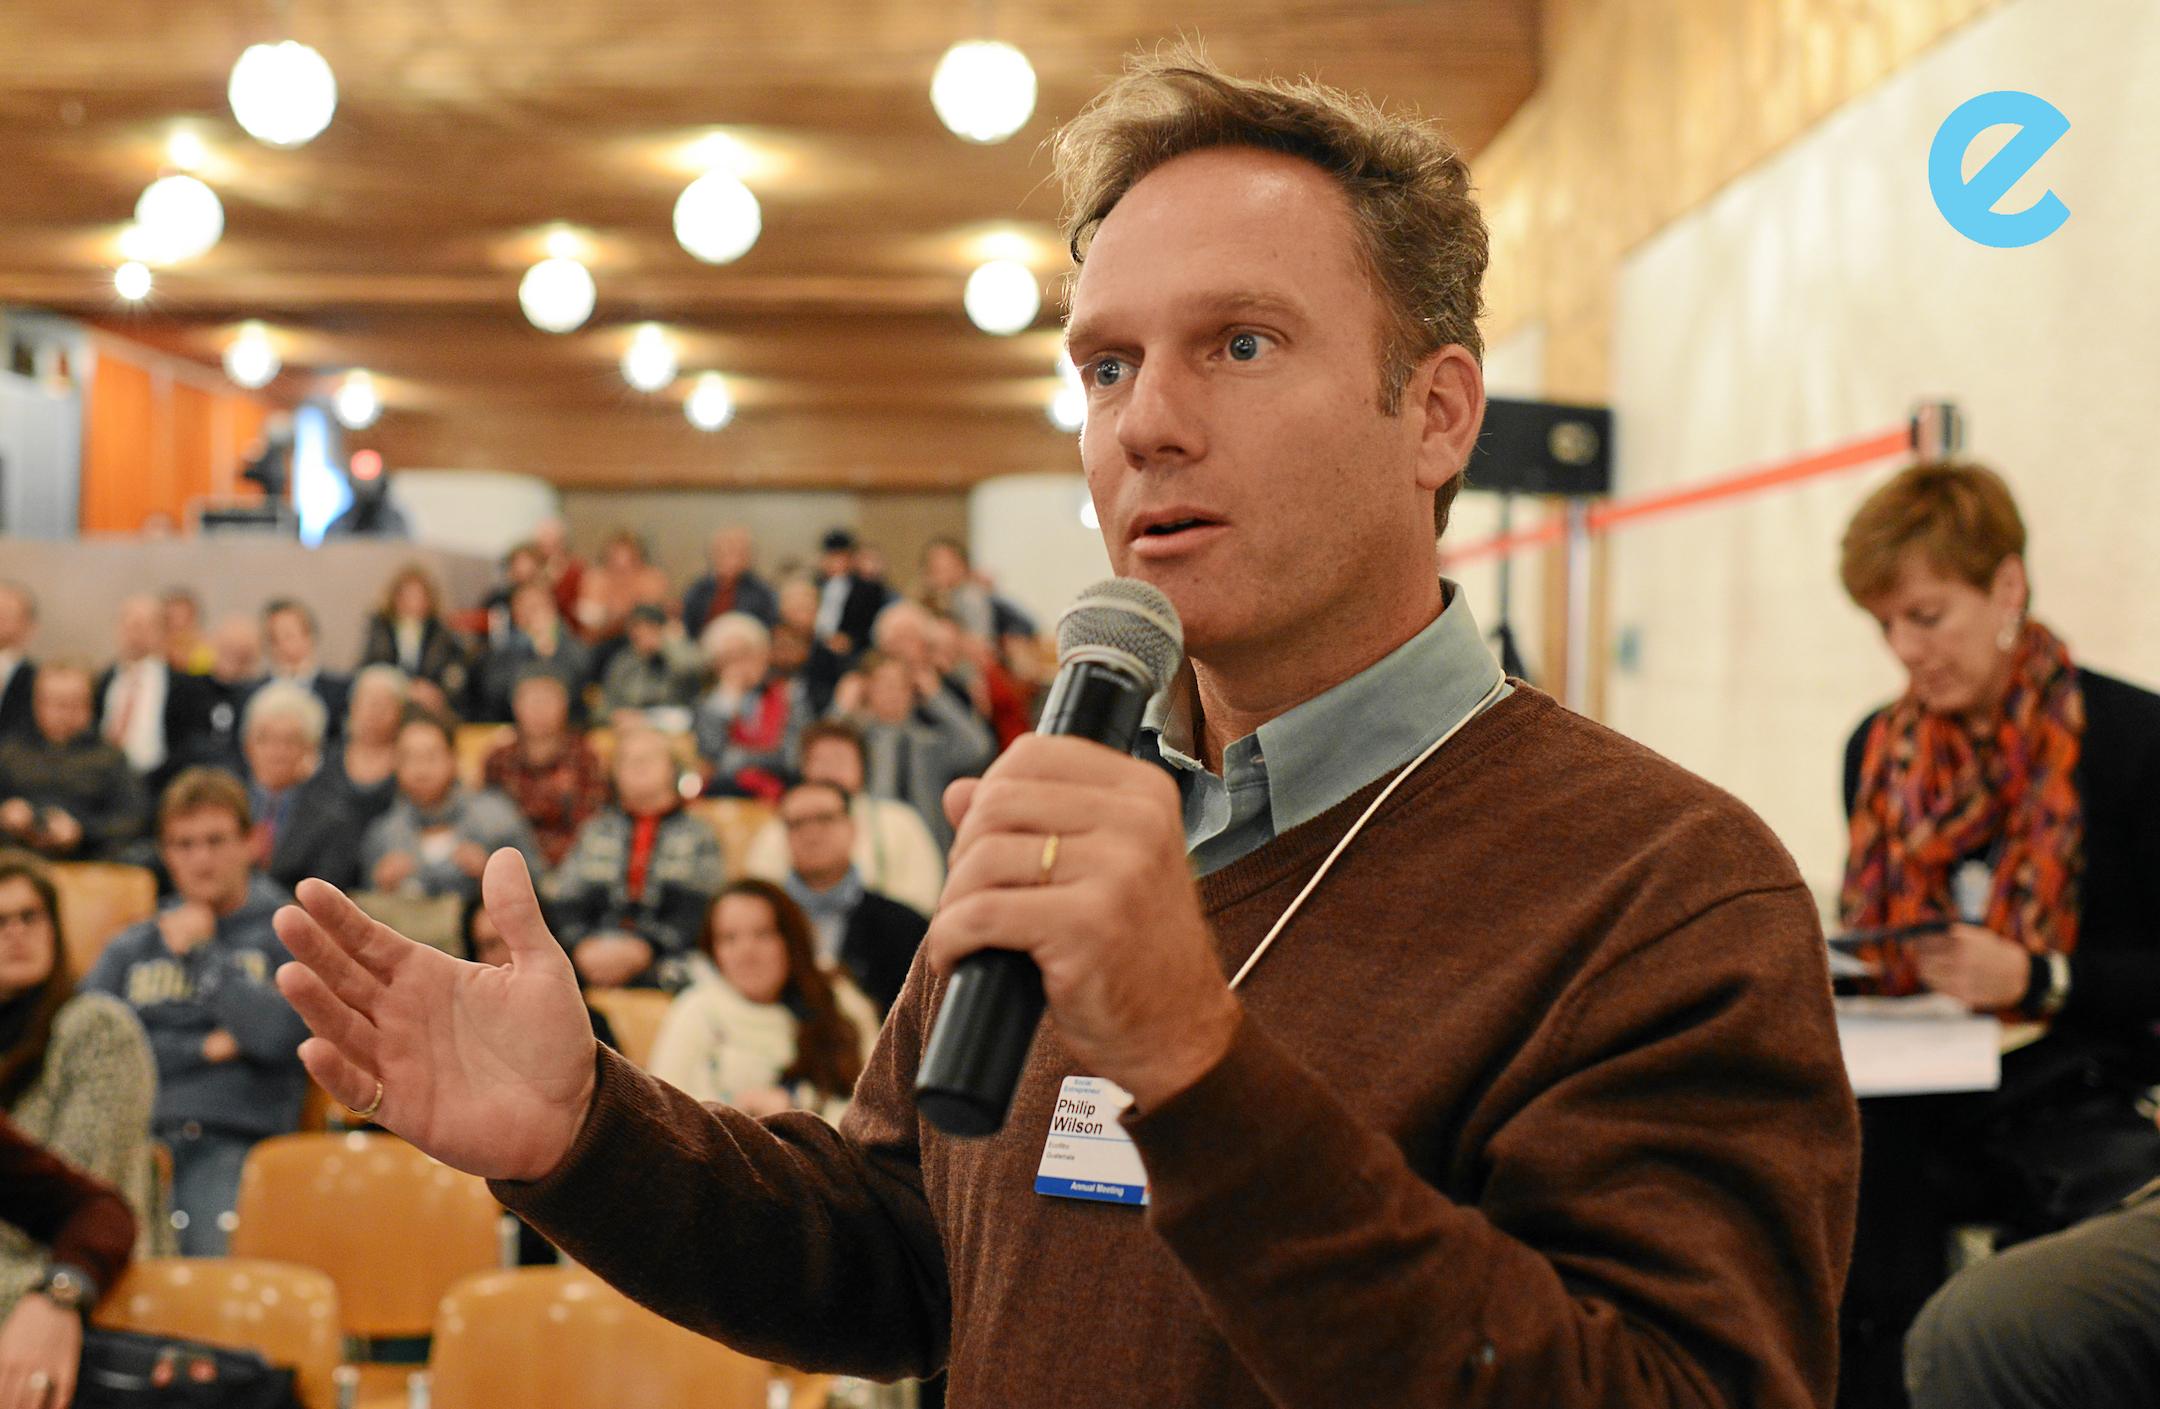 Photo courtesy of the World Economic Forum, 2013